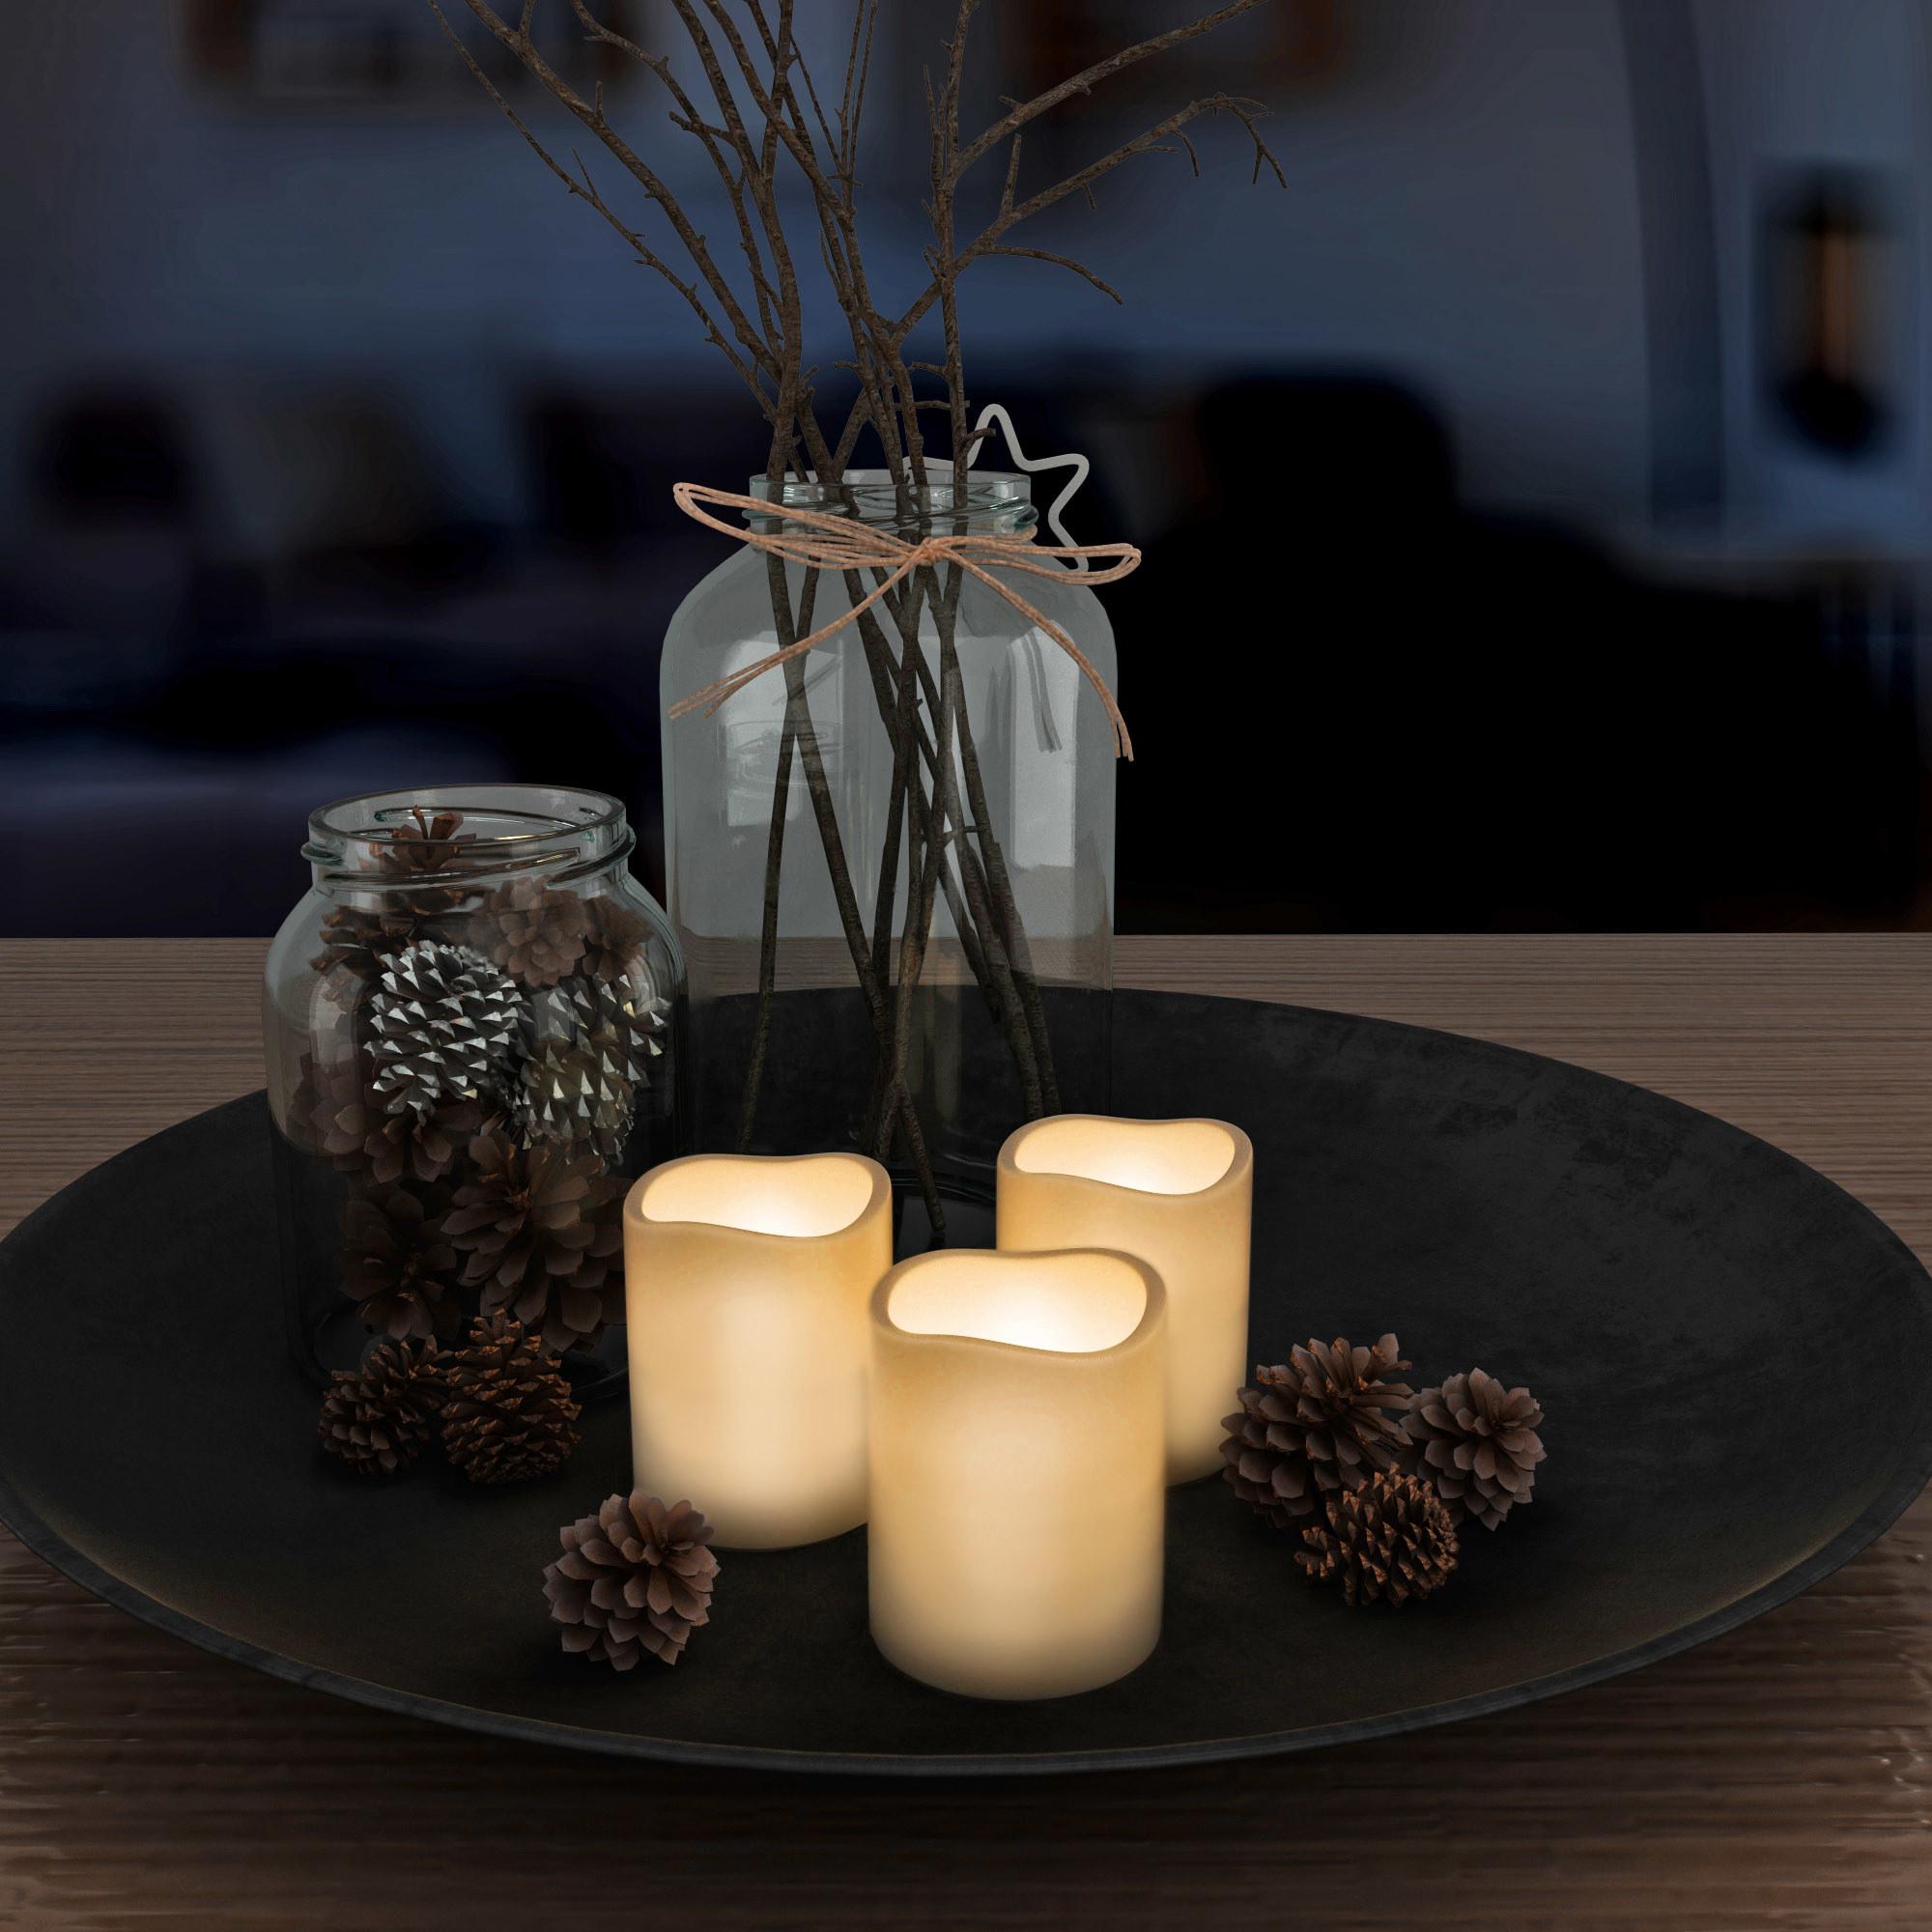 The LED candle set